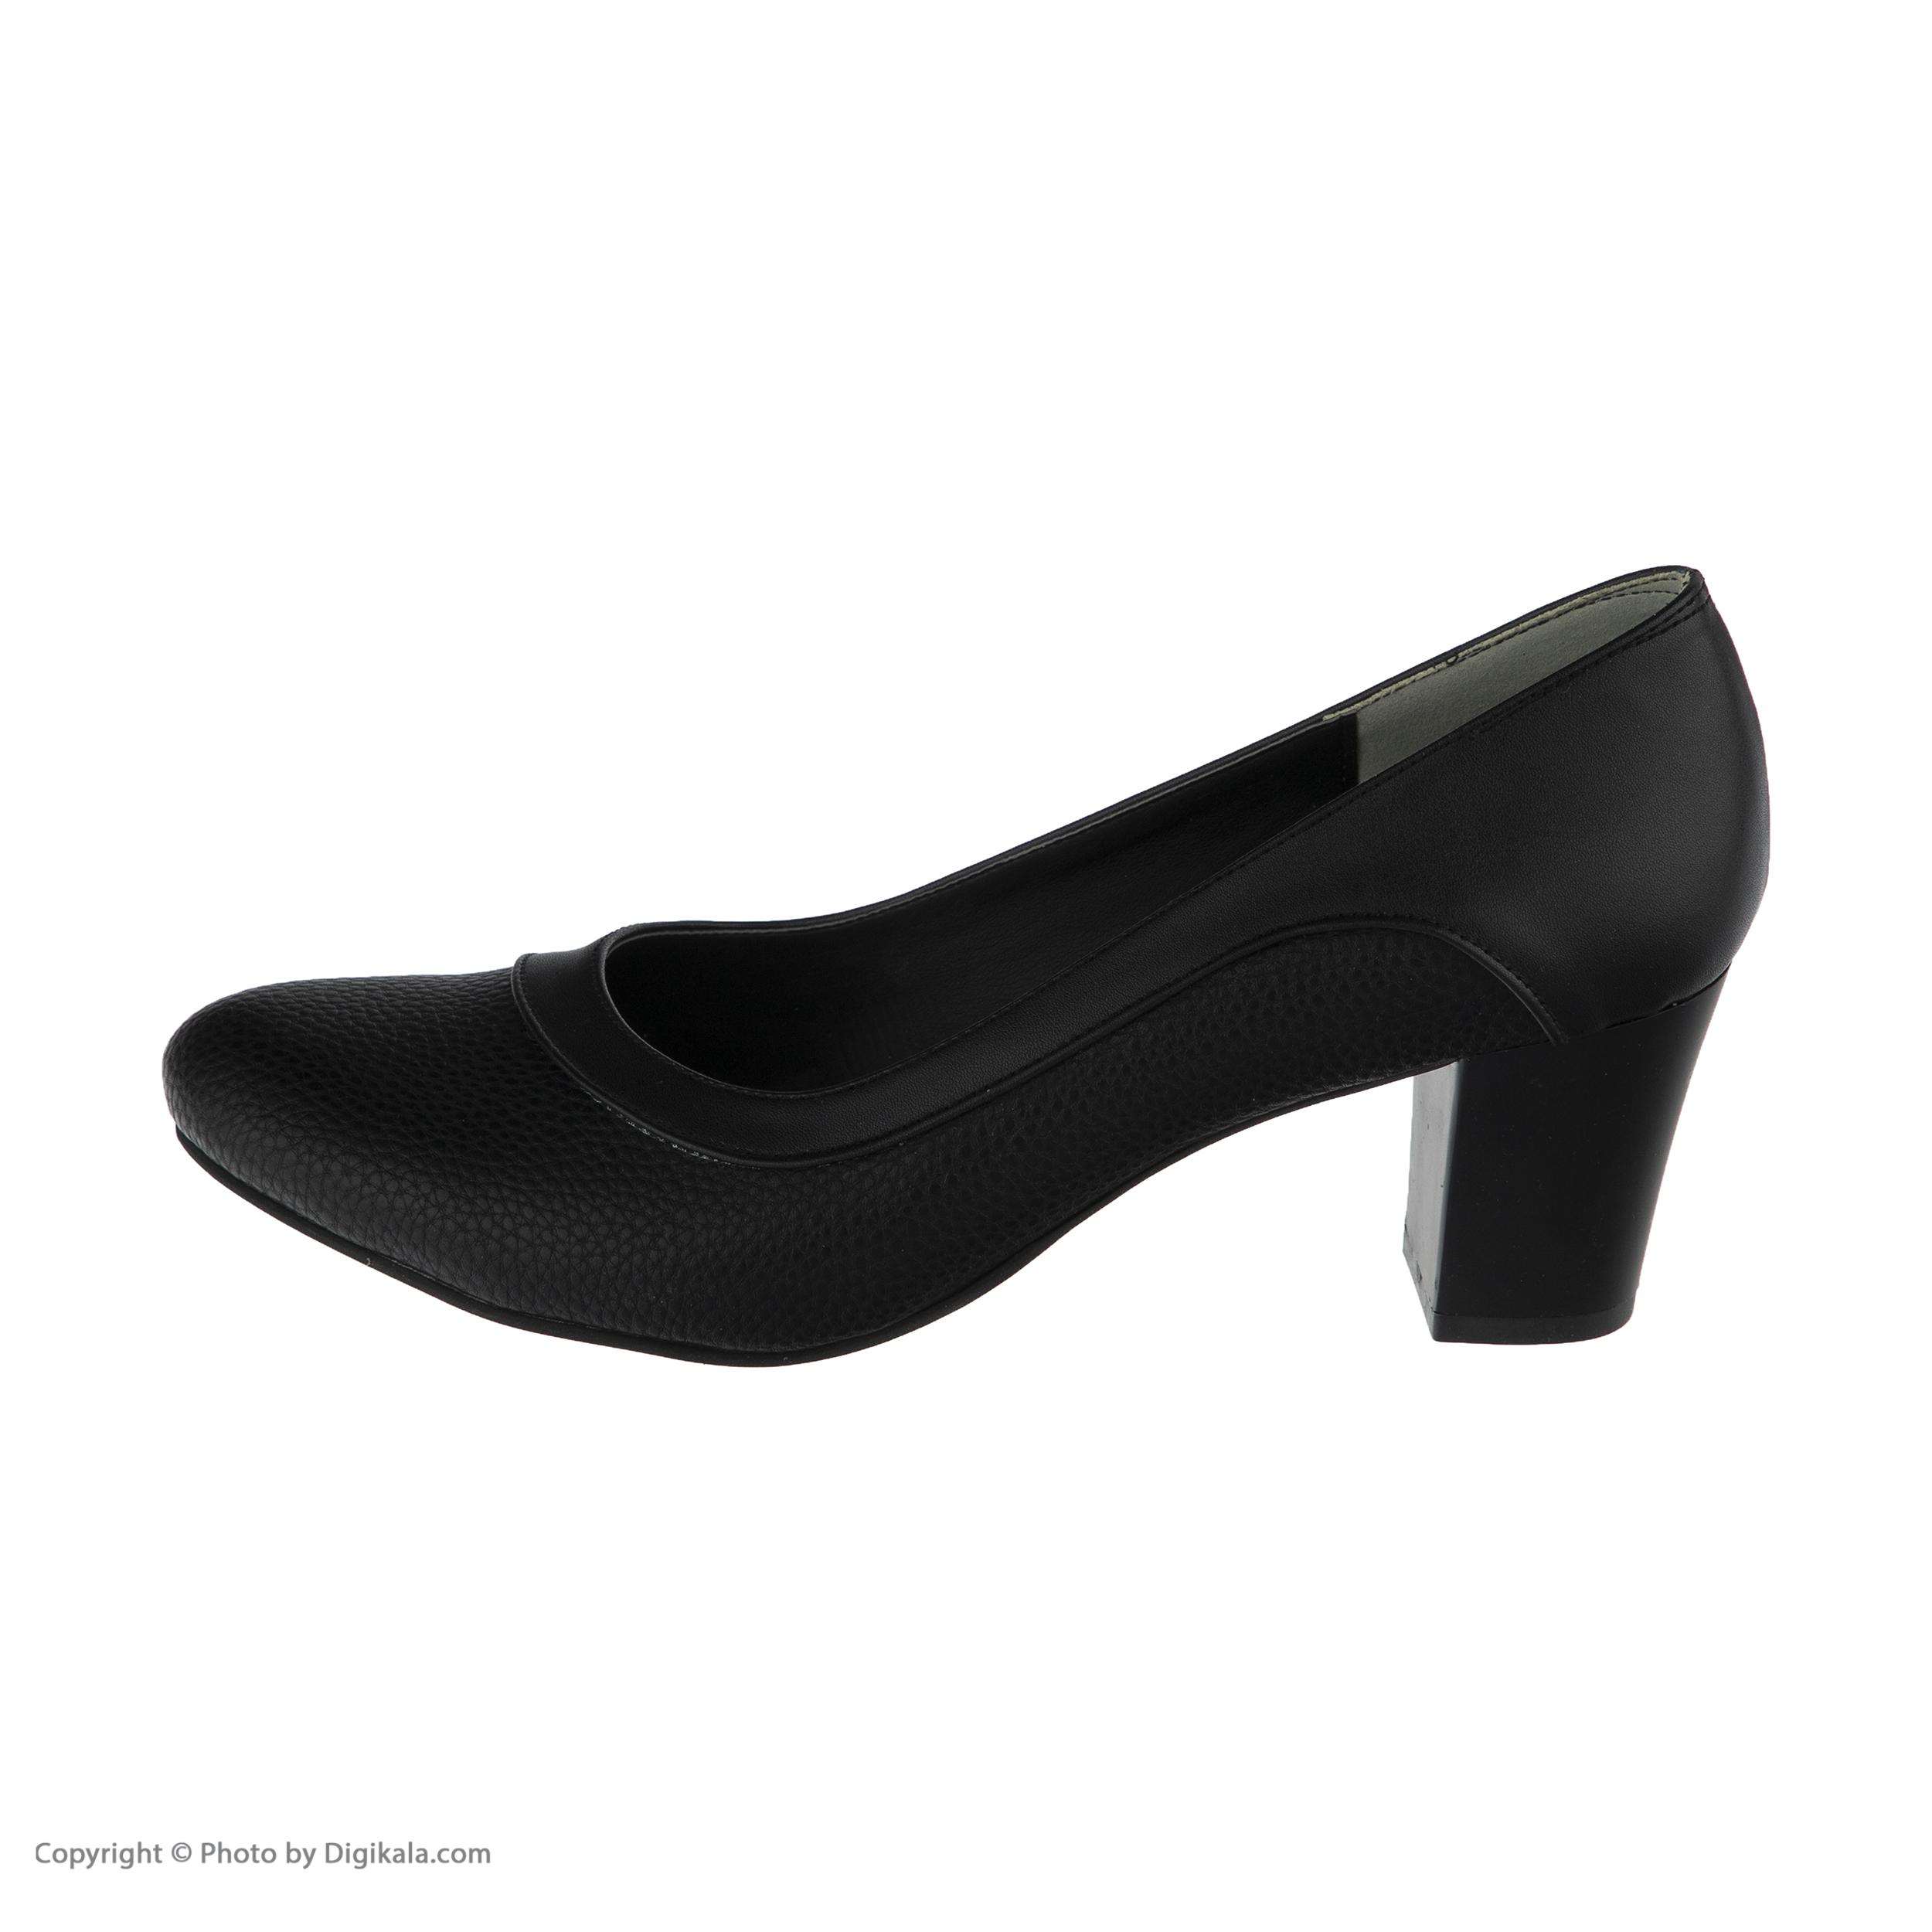 خرید                                      کفش زنانه اسپرت من مدل T508-12